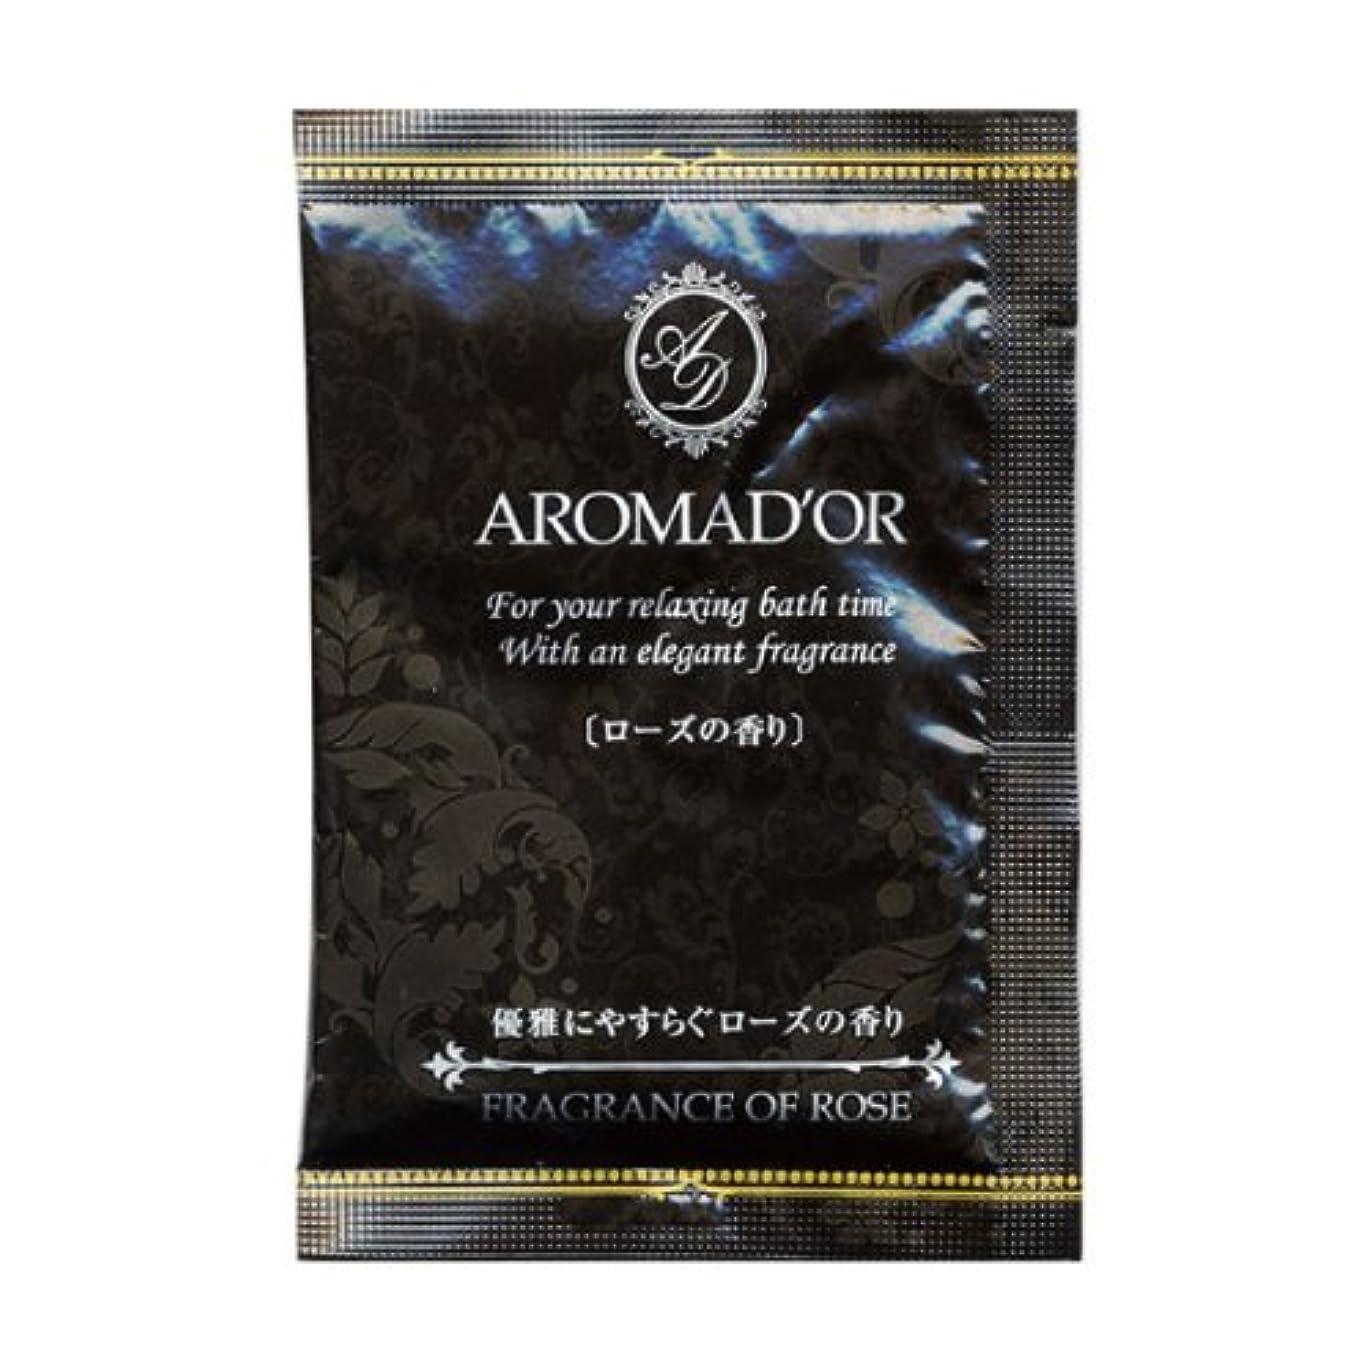 命令パドル排気アロマドール入浴剤 フレグランスローズの香り 200包